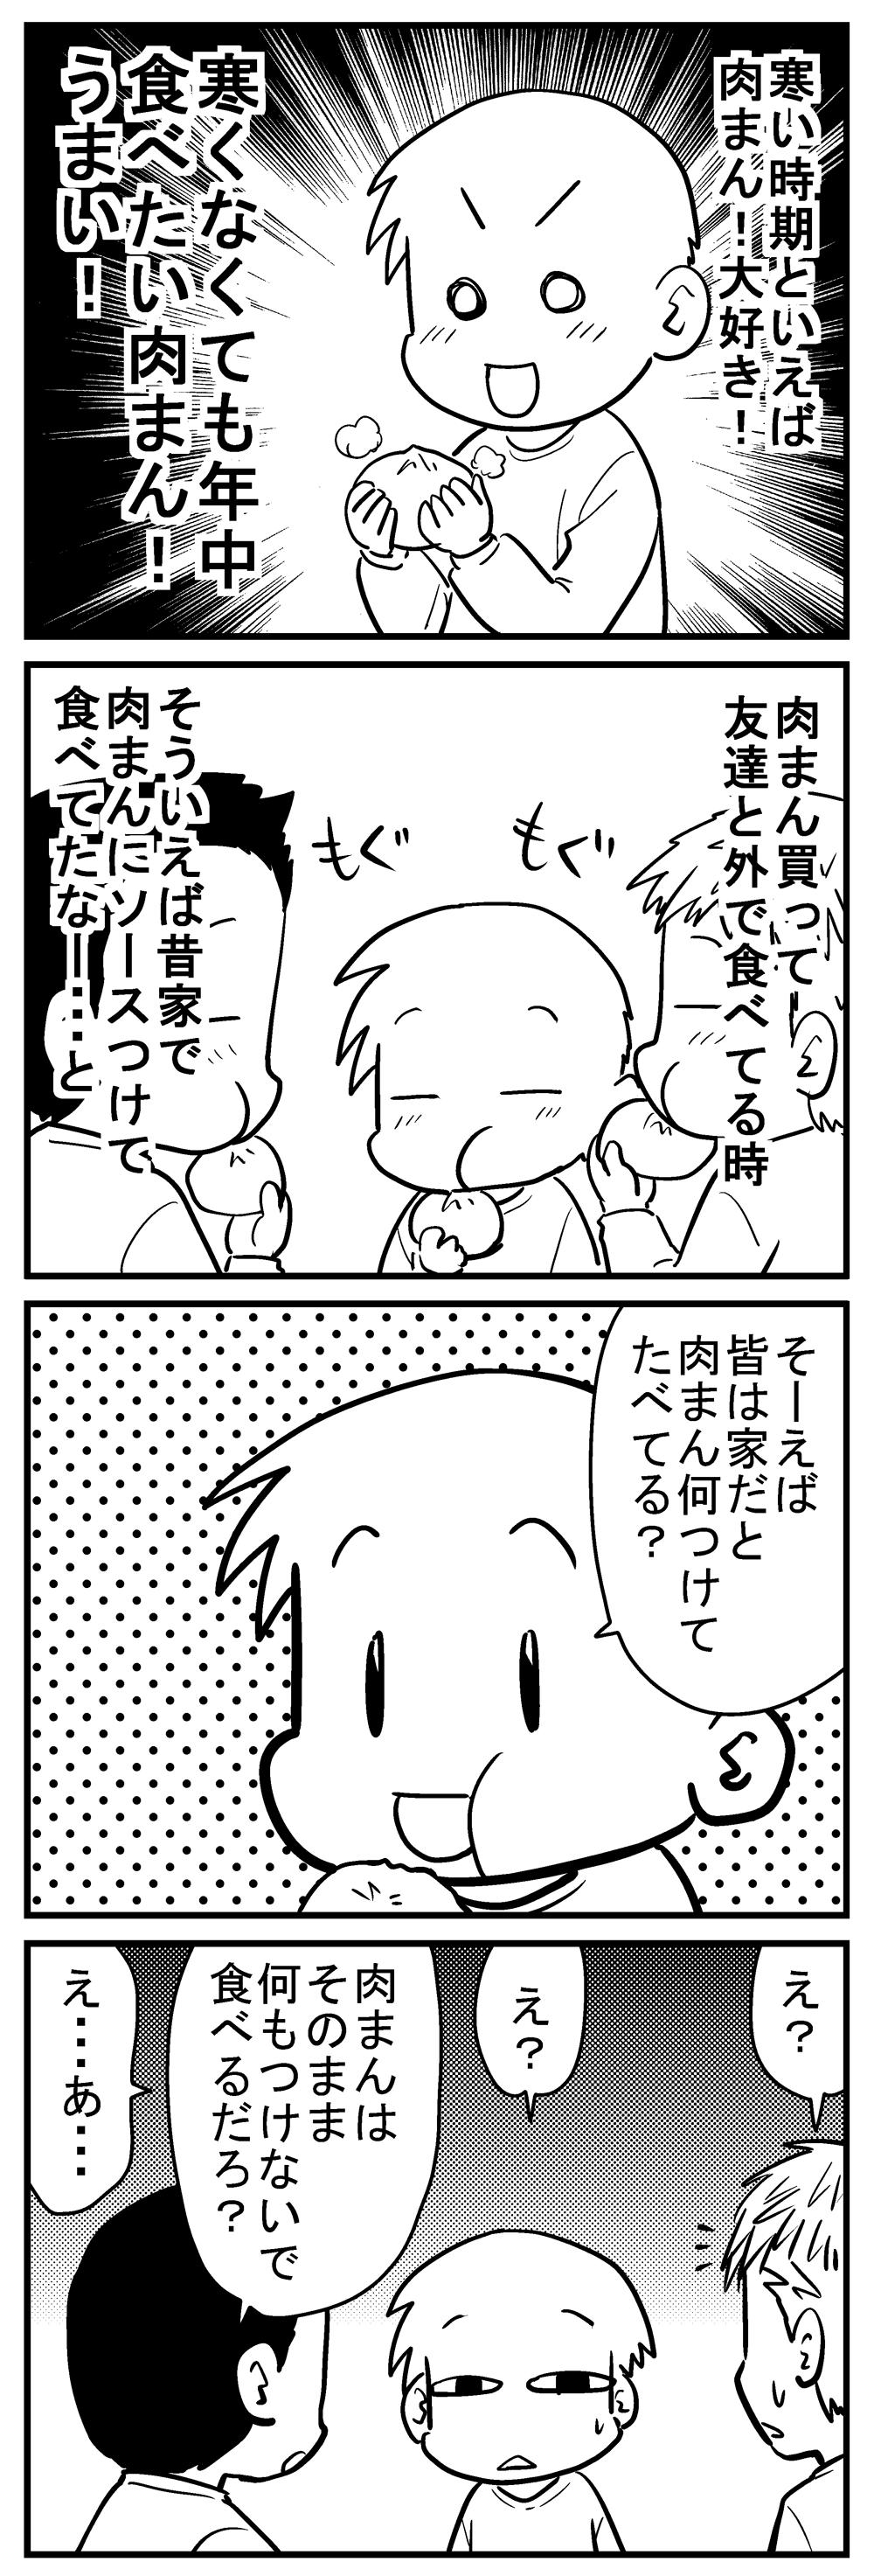 深読みくん119-1